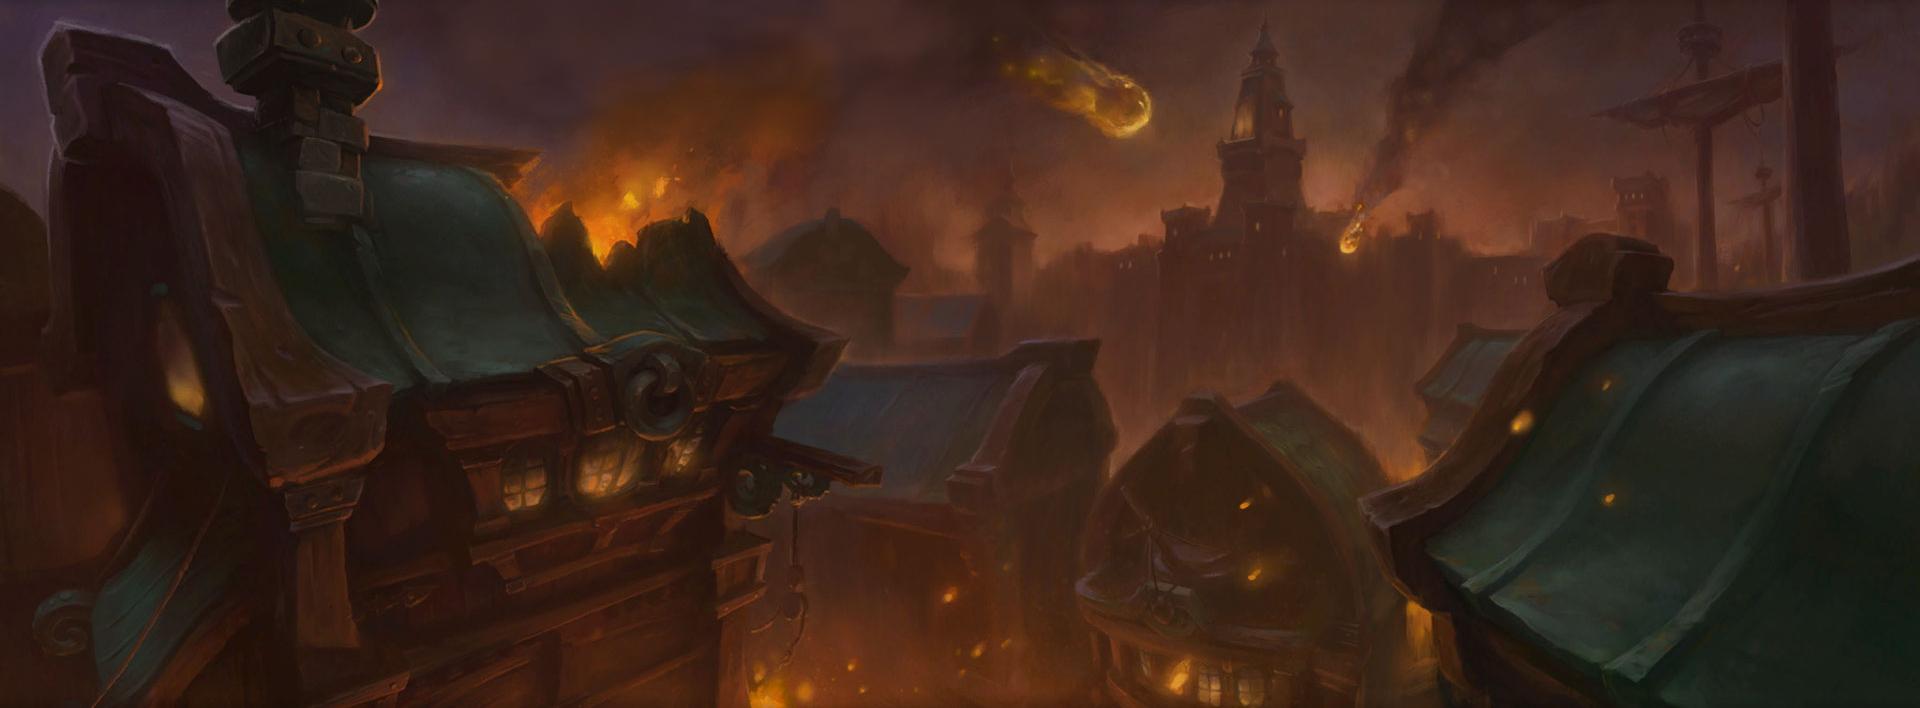 Le donjon mythique Siège de Boralus se débloque côté Alliance grâce à la suite de quêtes La Fierté de Kul Tiras